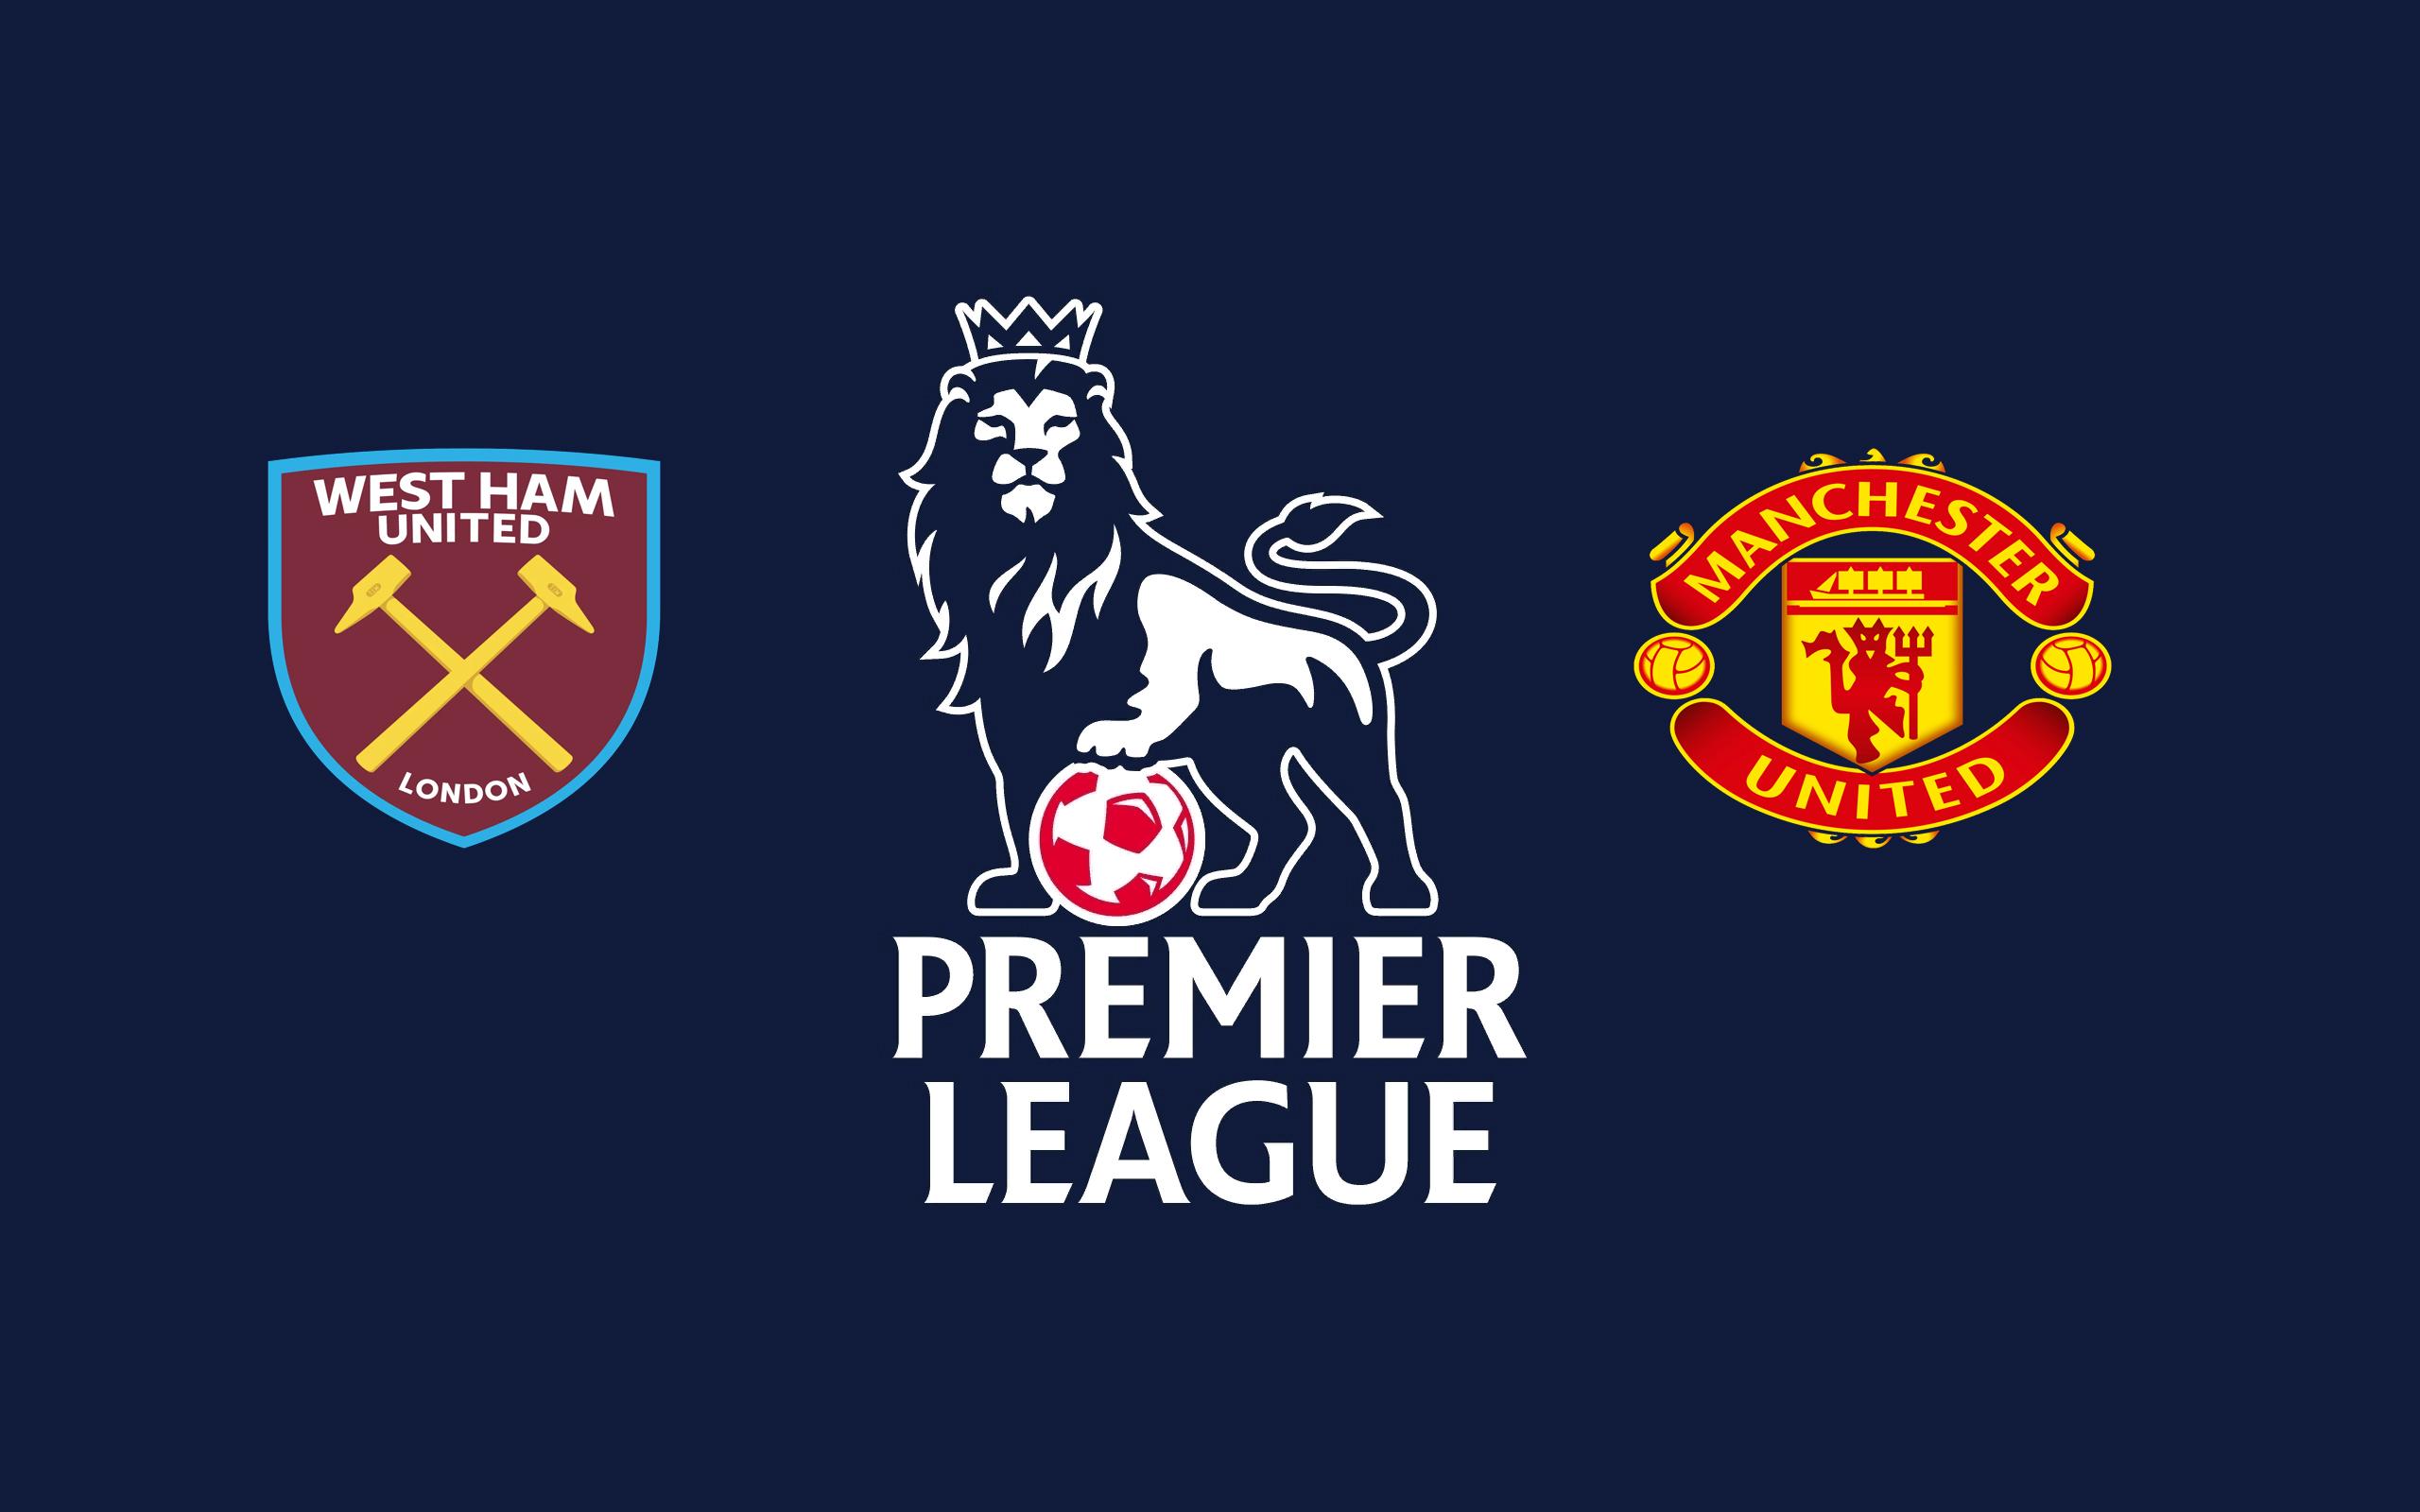 Прогноз на матч Вест-Хэм - Манчестер Юнайтед